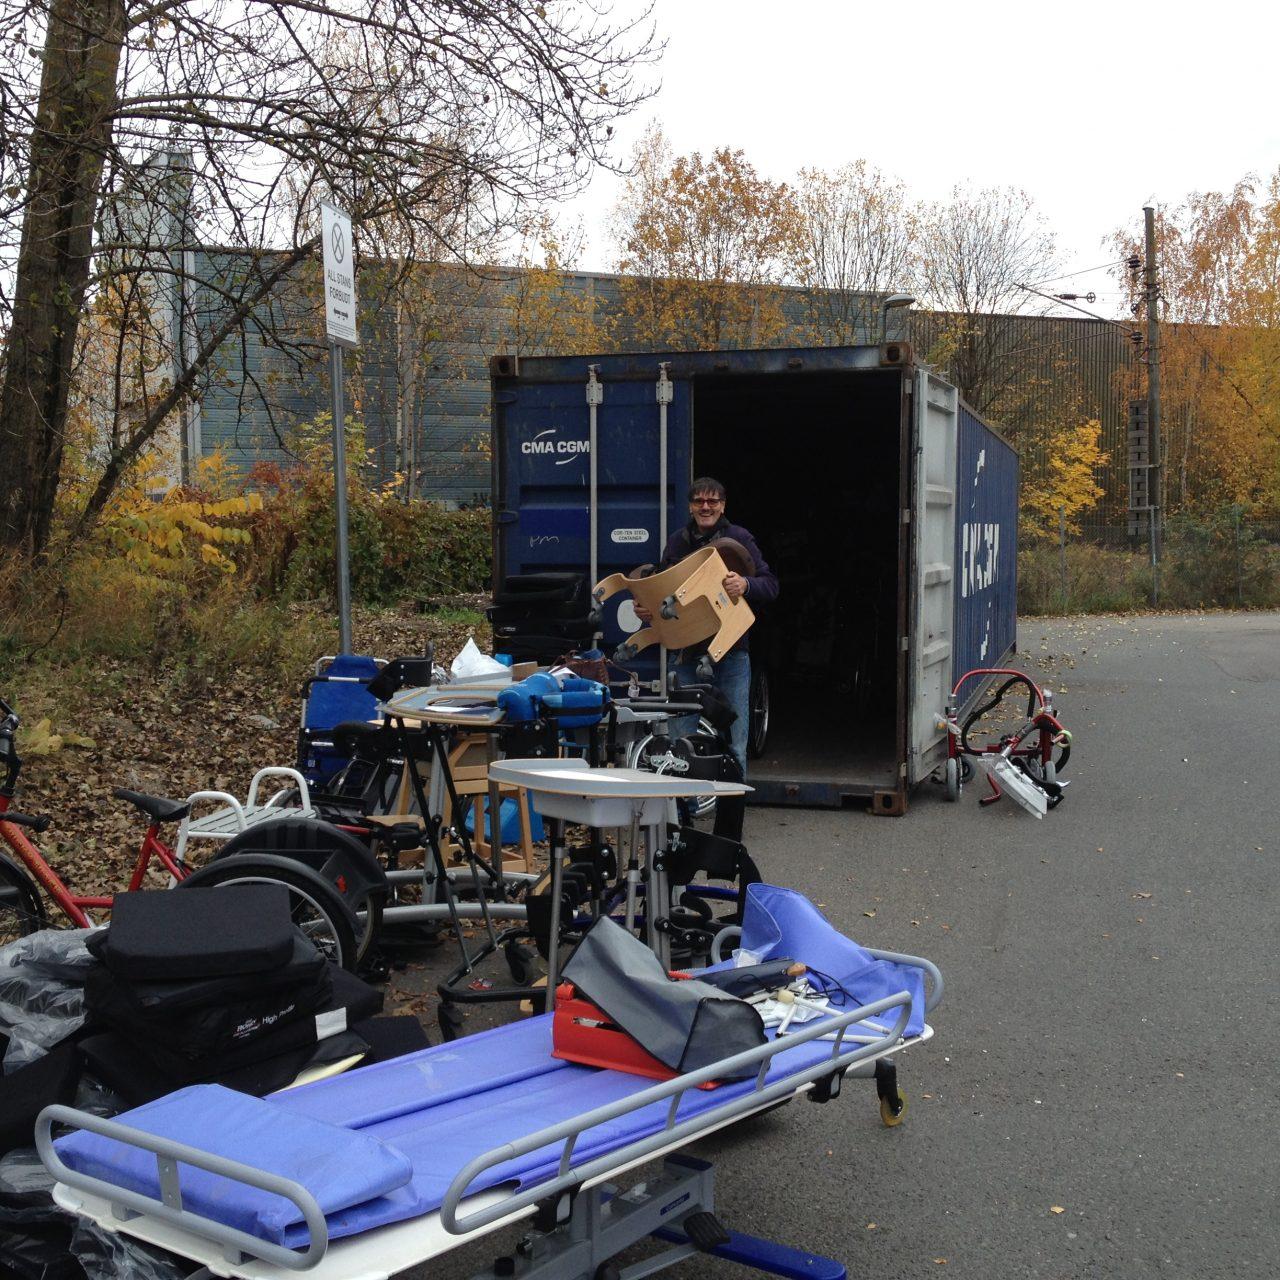 Det er plass til mye utstyr i en tolv meter lang container